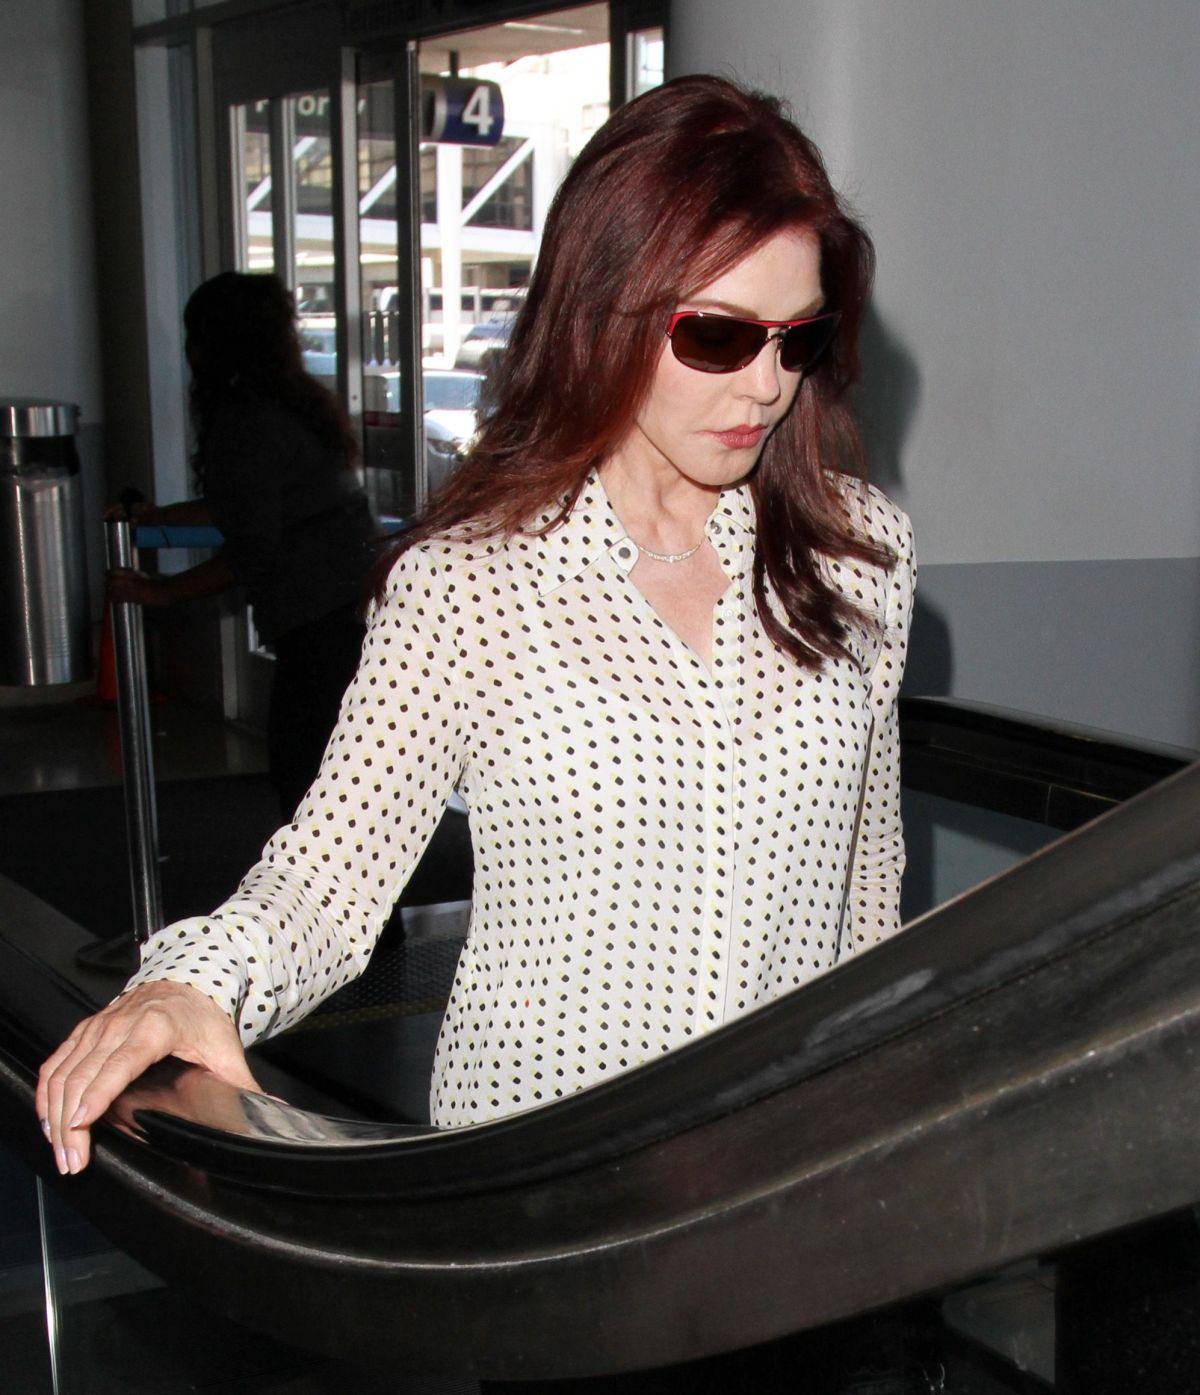 PRISCILLA PRESLEY at Los Angeles International Airport 08/19/2016